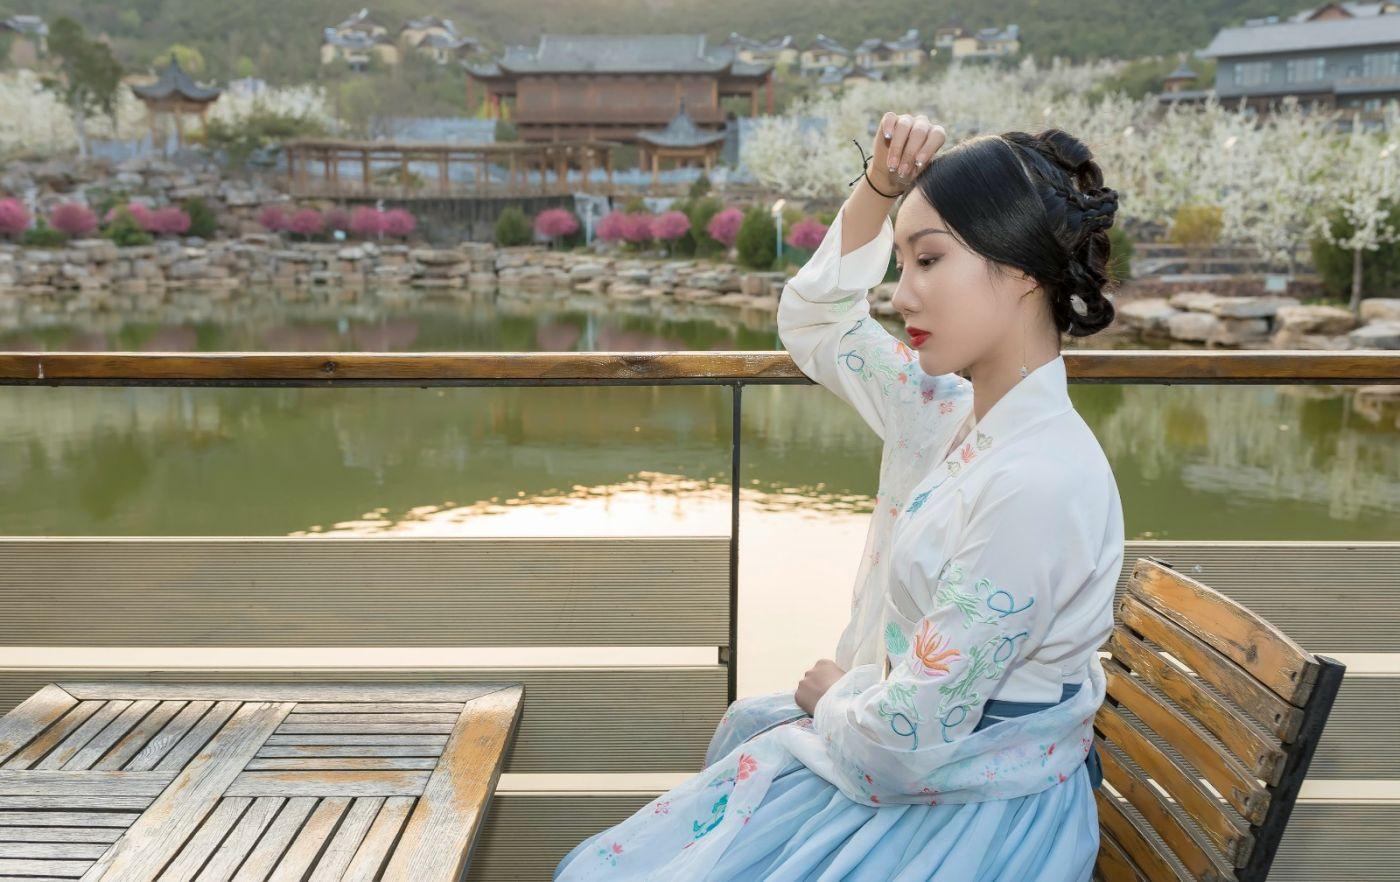 发现民族舞女孩吕锦涛 在樱桃花开白如雪的马泉翩翩起舞_图1-27